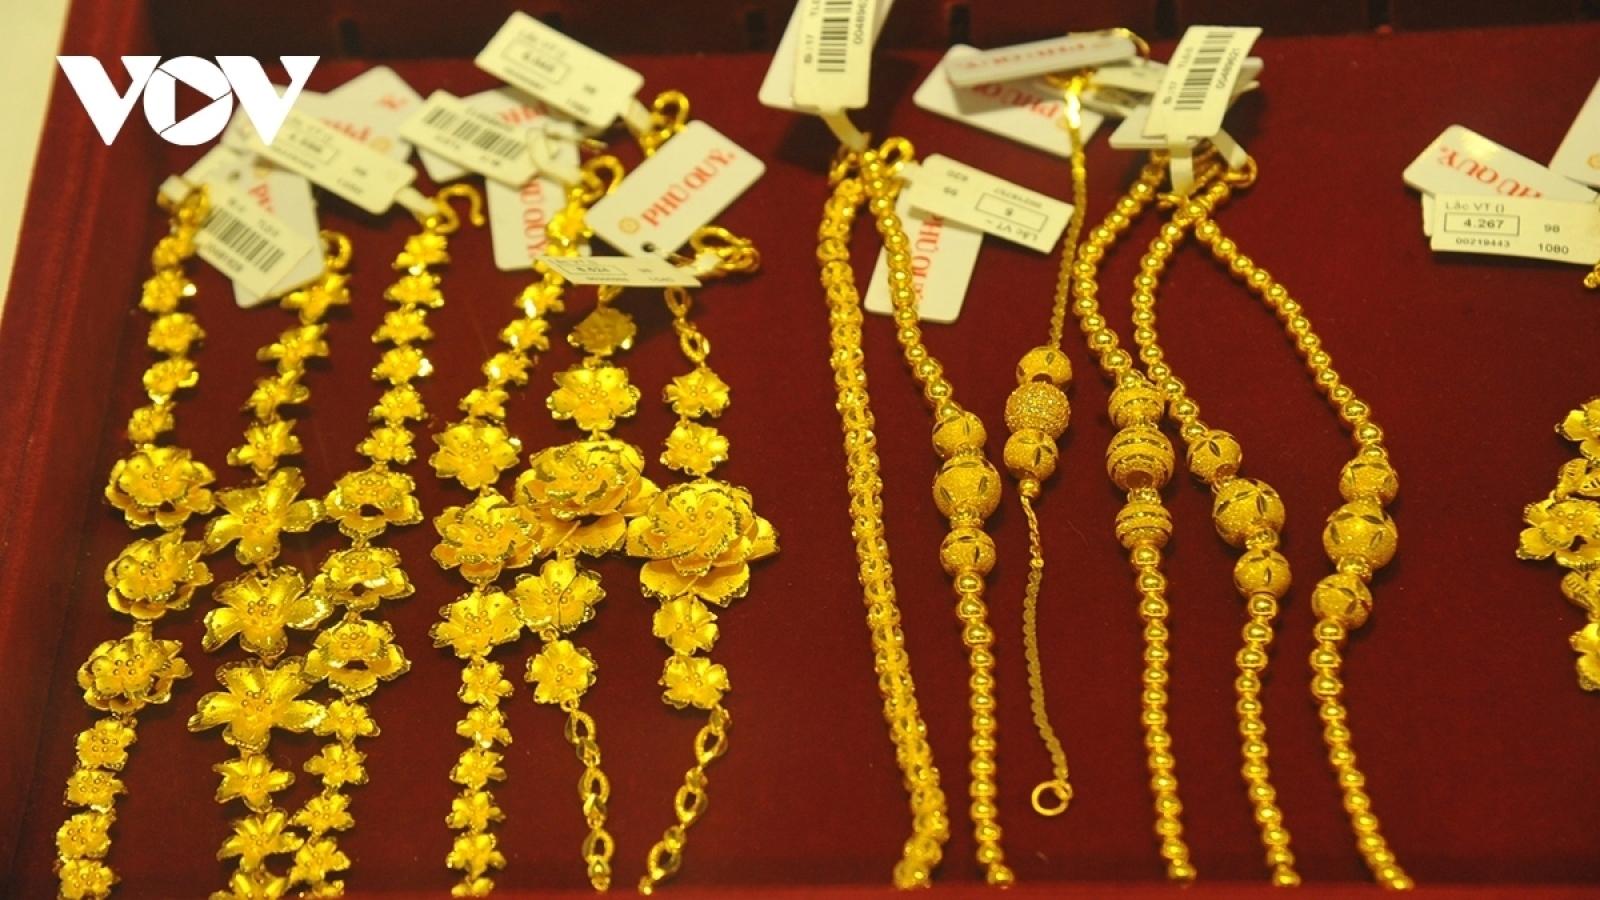 Giá vàng thế giới thấp hơn vàng trong nước 7,07 triệu đồng/lượng